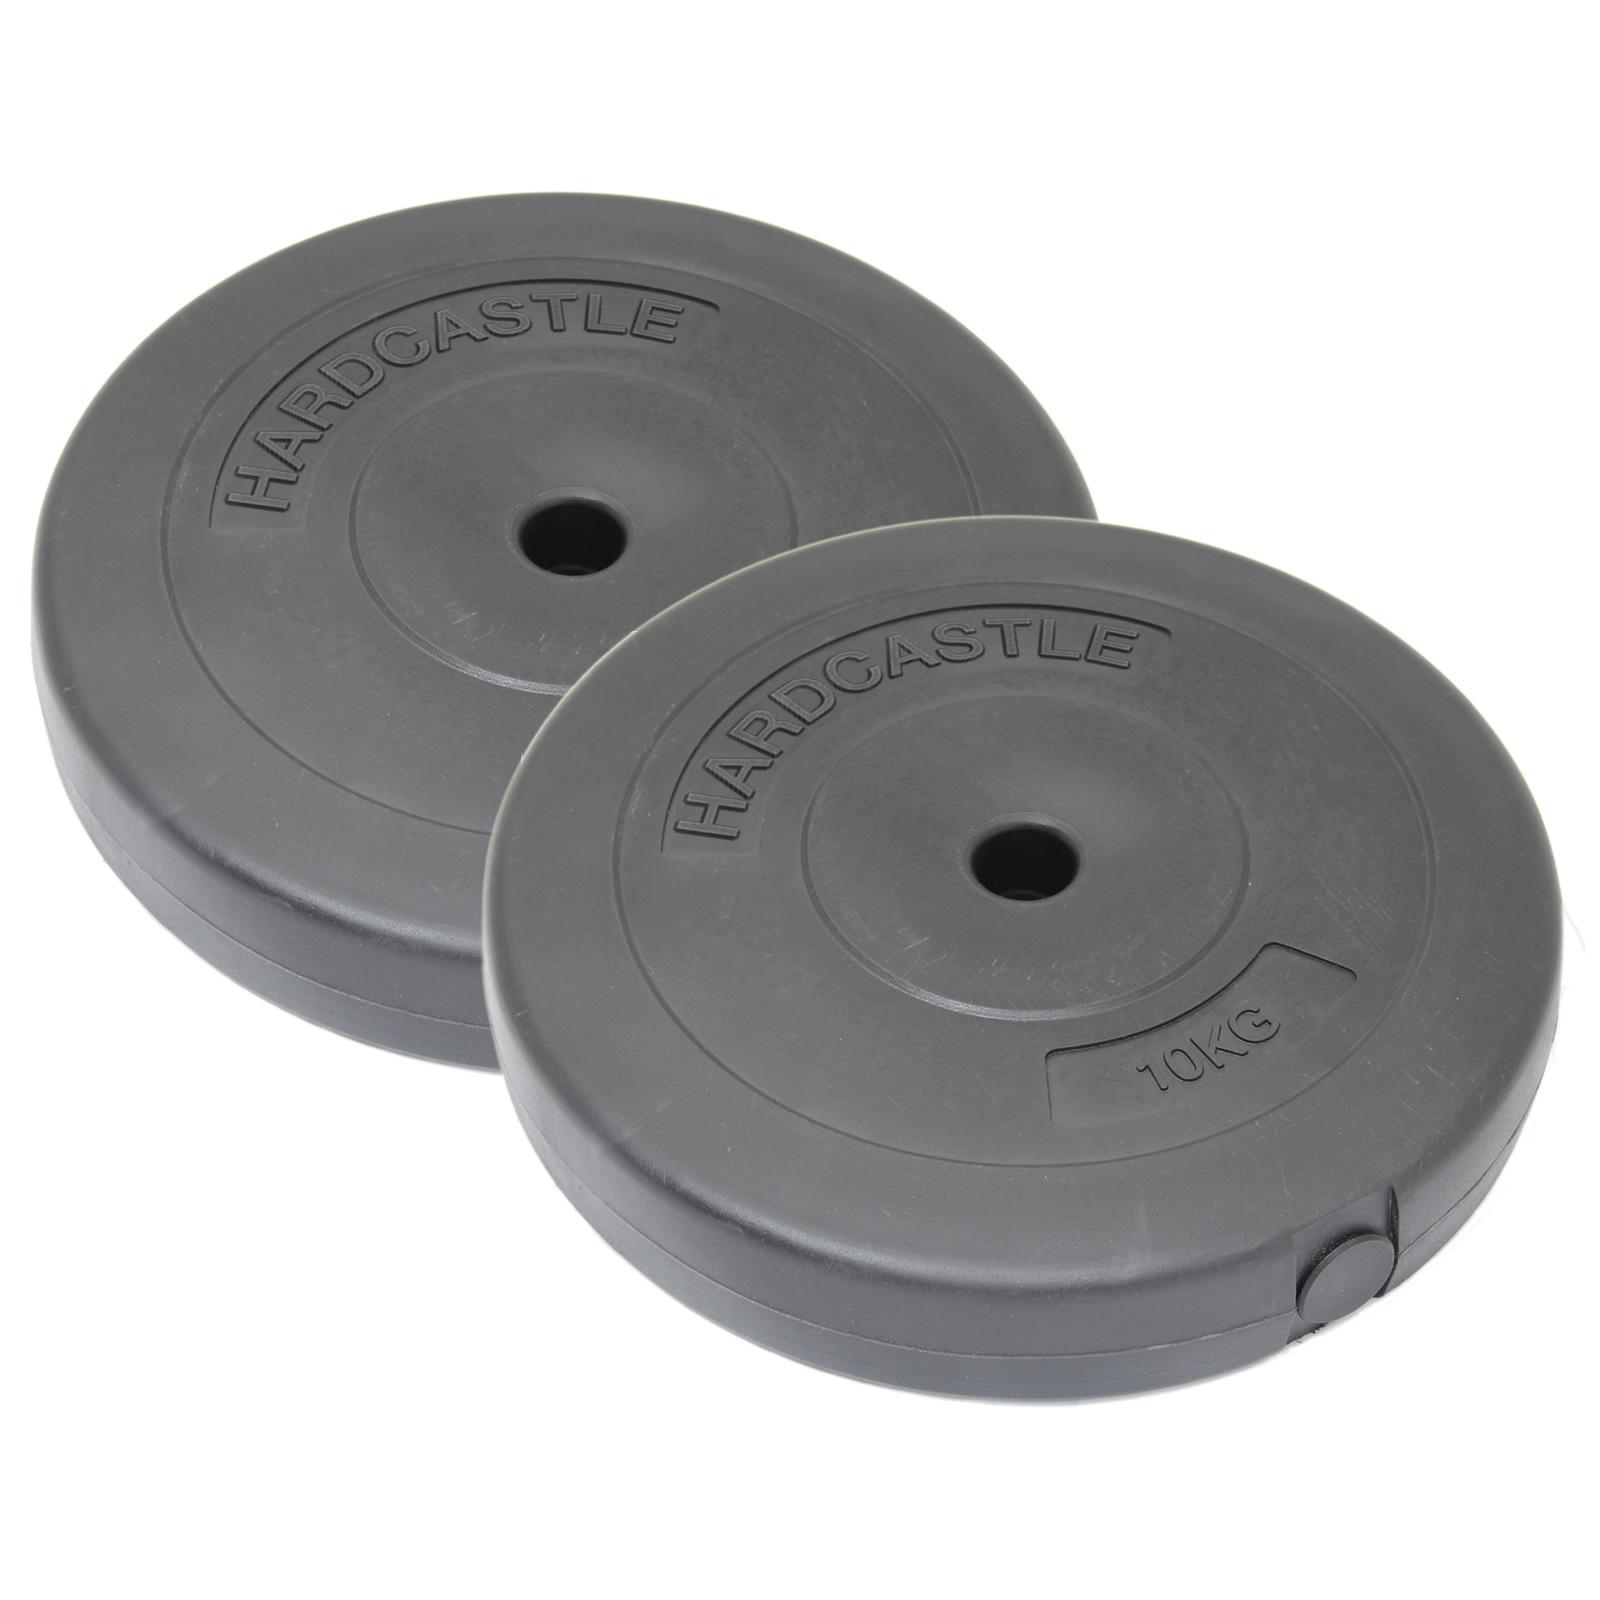 Sale 2x 10kg 1 Quot Home Gym Vinyl Weight Plates Discs 20kg